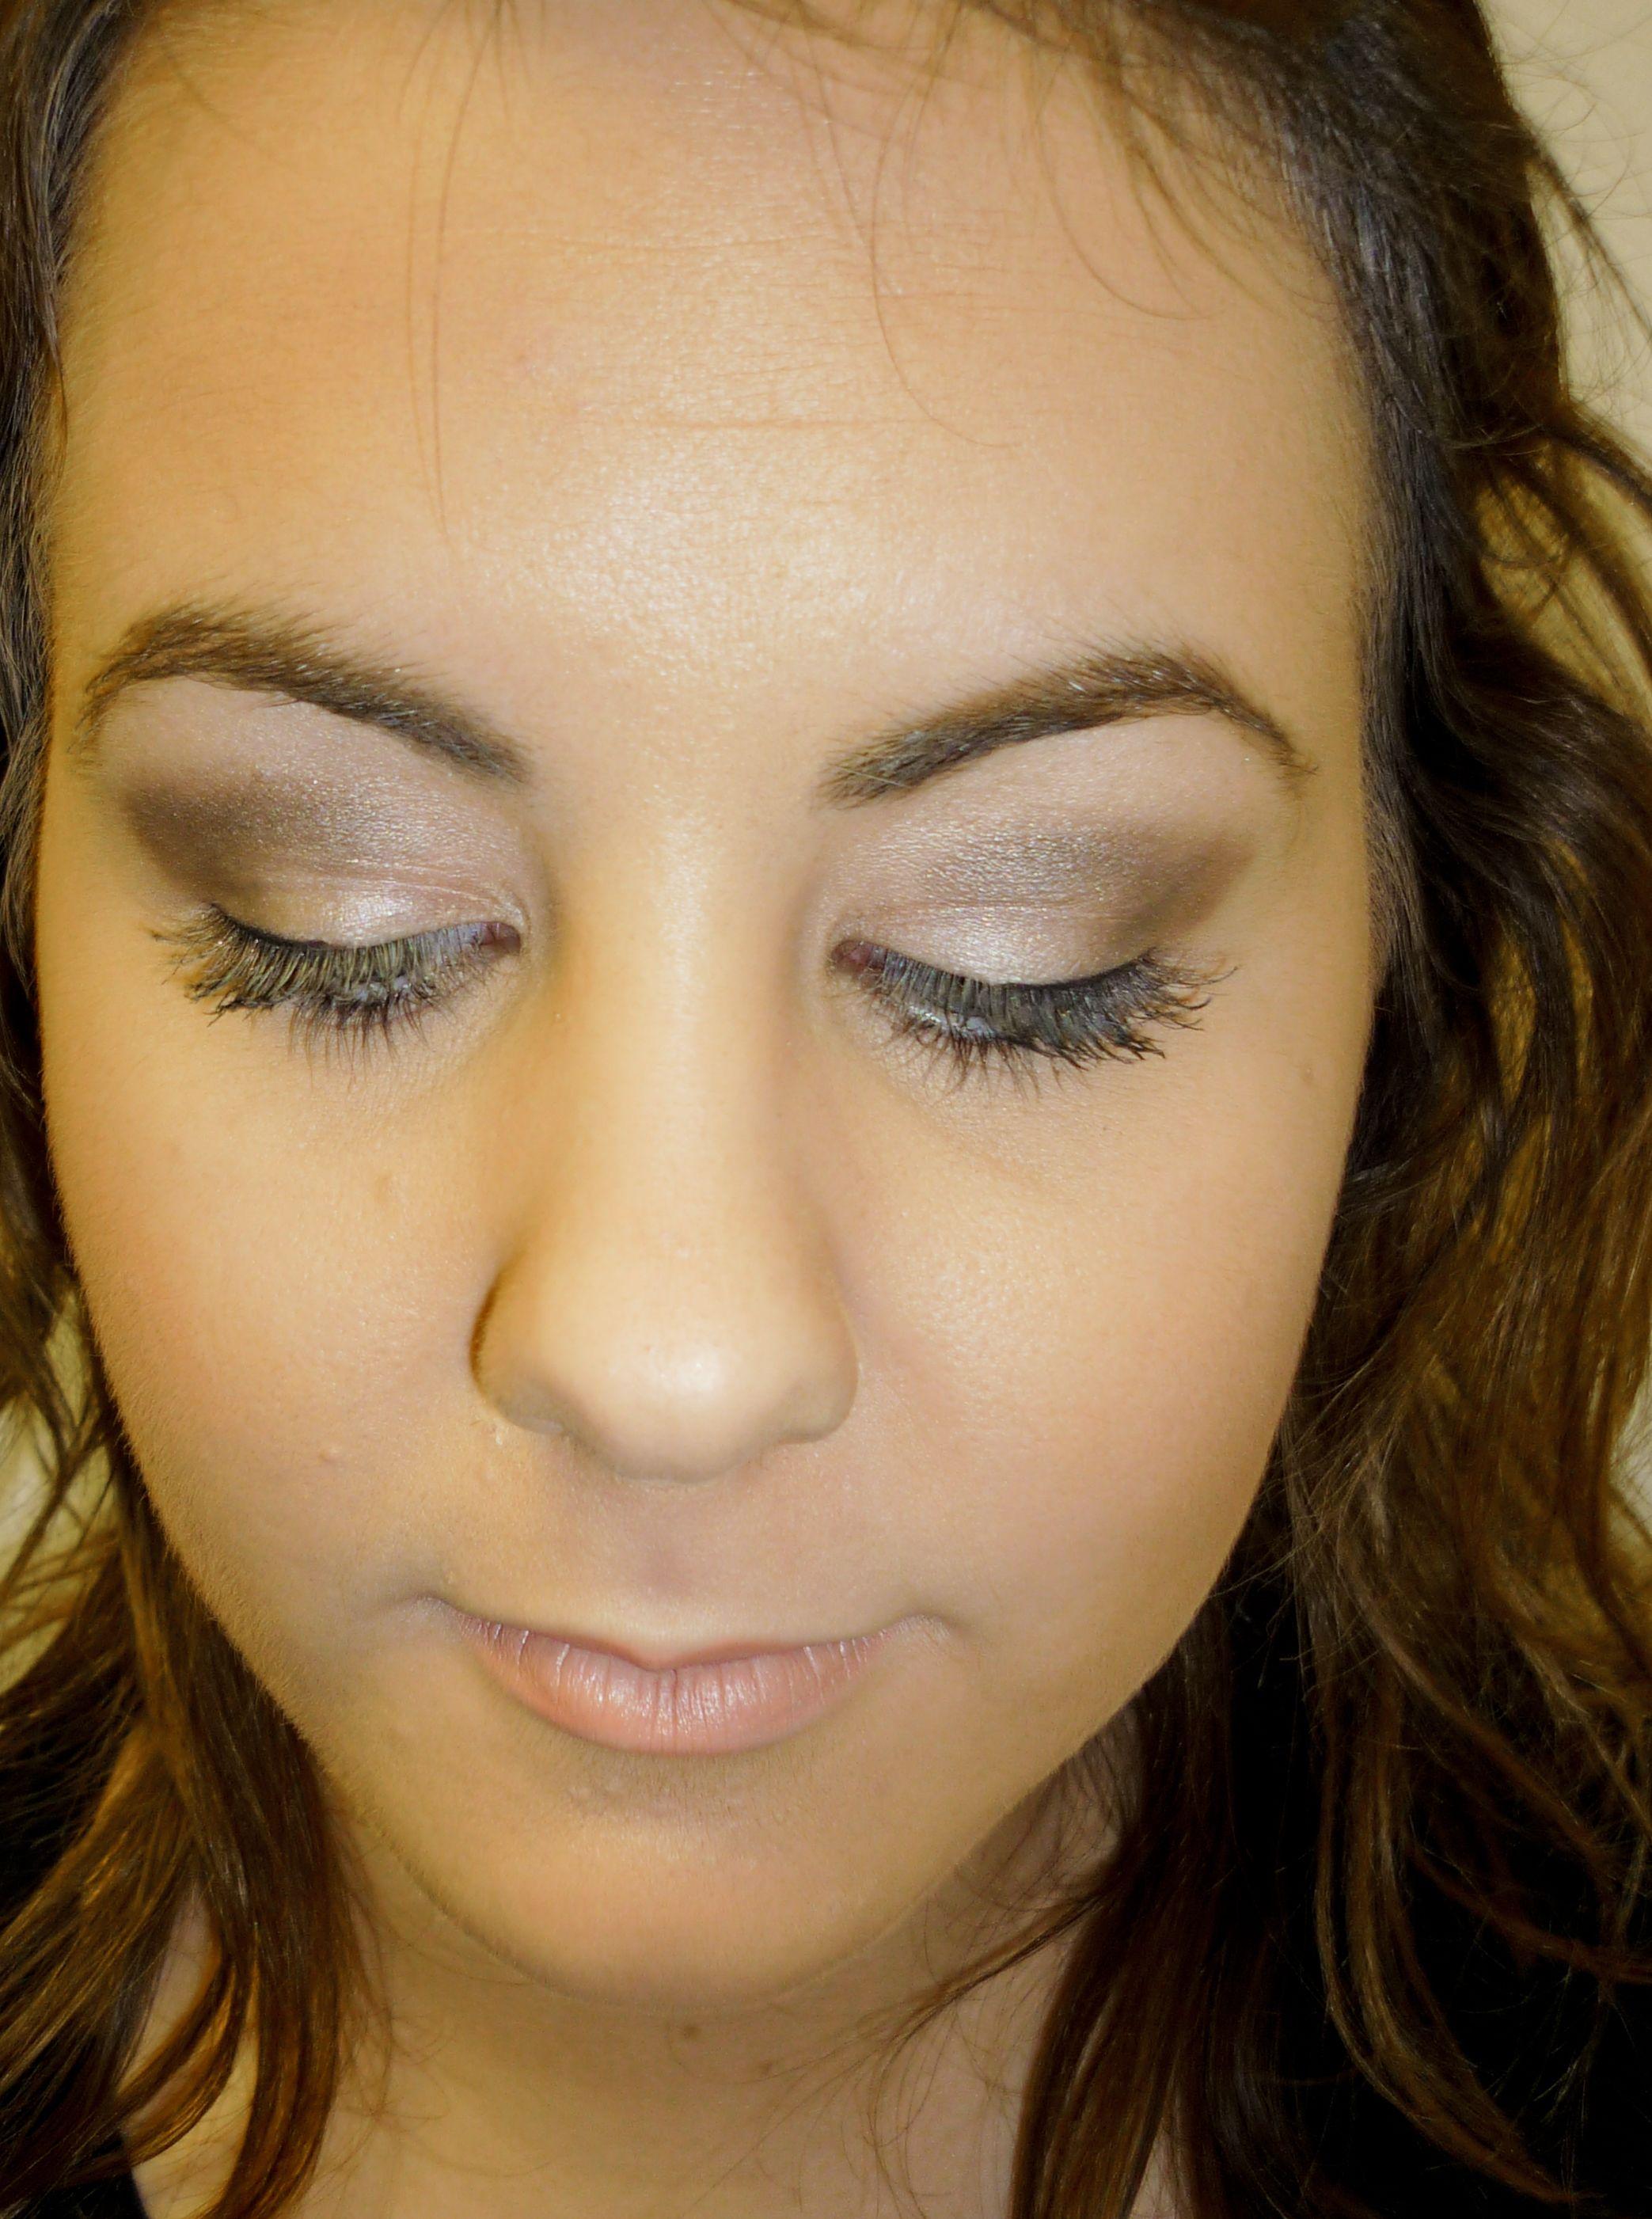 bridal airbrush makeup Airbrush makeup wedding, Airbrush